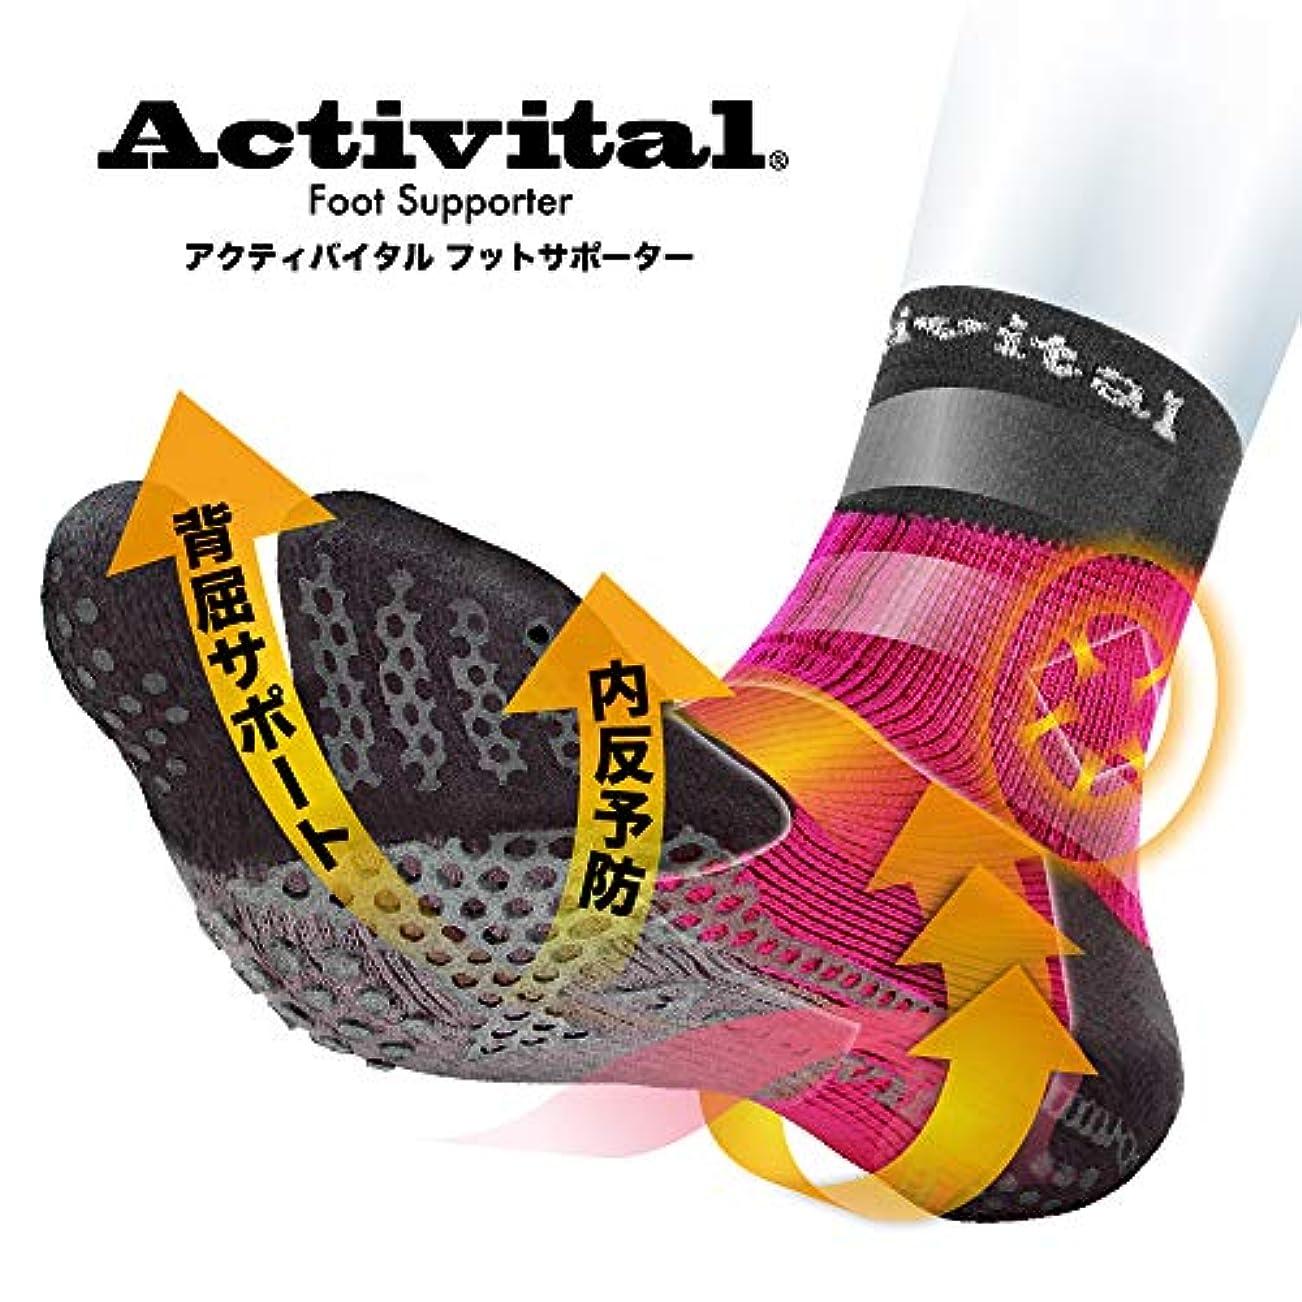 産地バッグロビーActivital アクティバイタル フットサポーター ピンク×グレー S-M 22.5~25.5cm